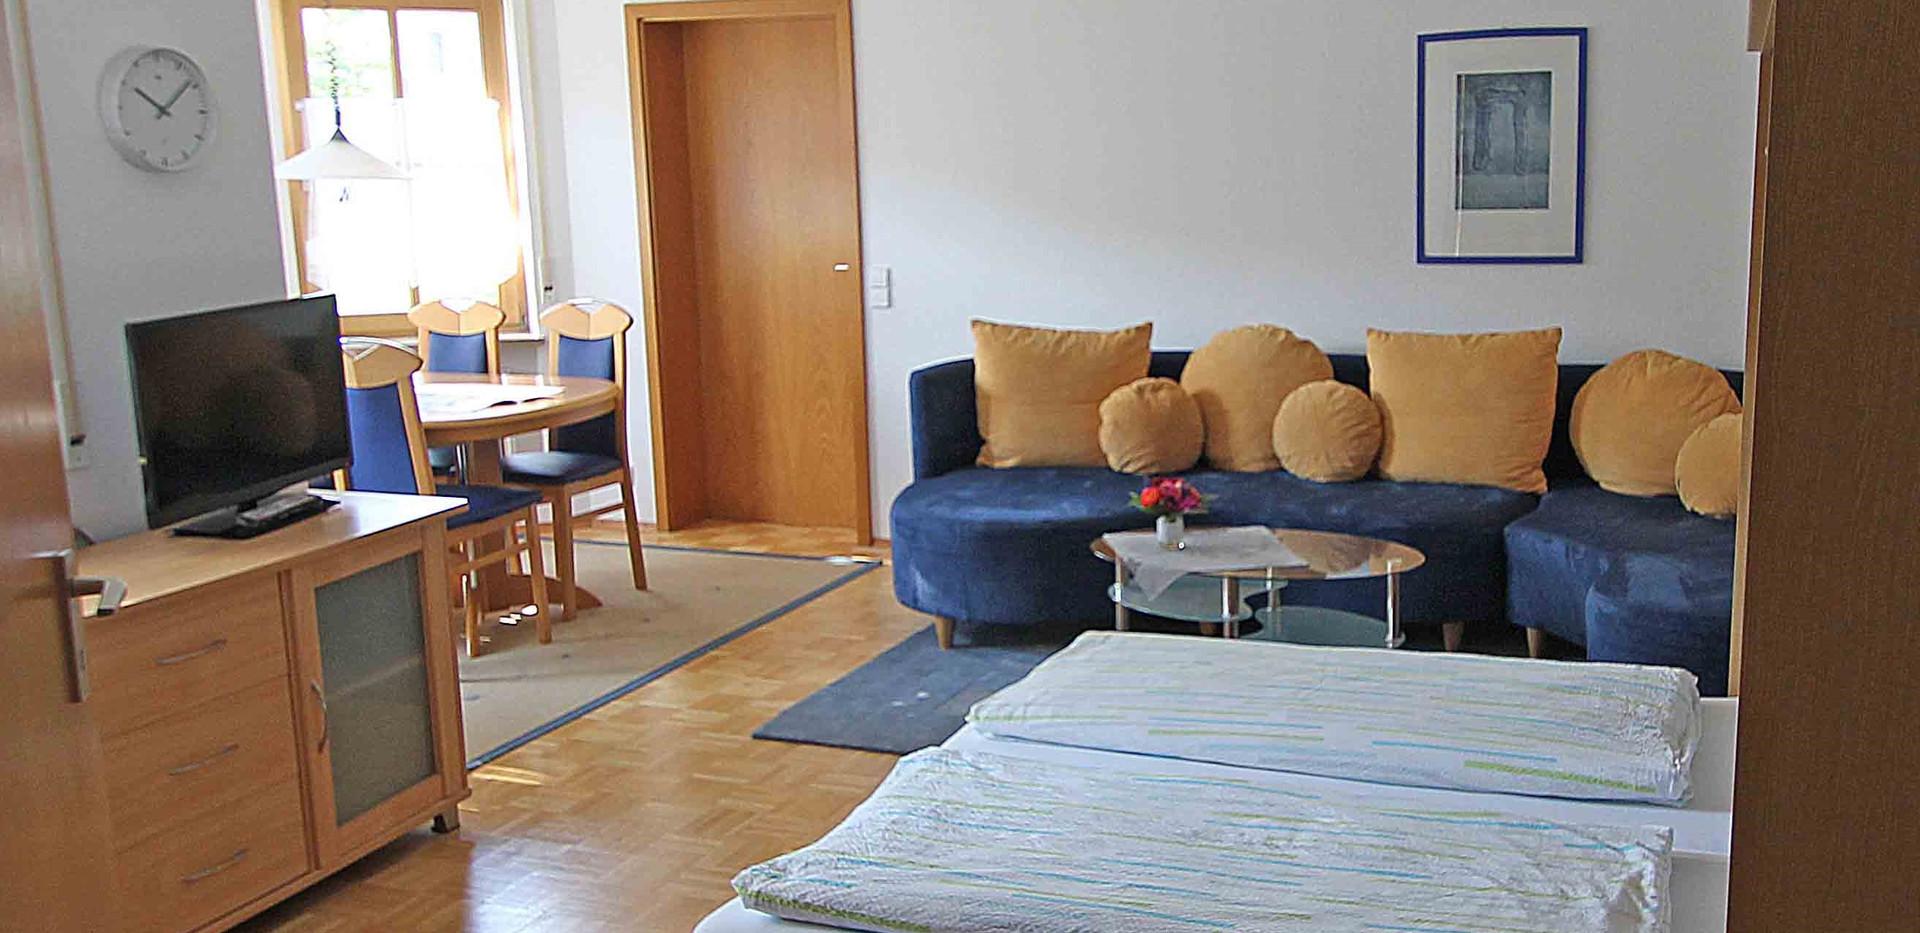 Wohnzimmer mit Schrankbett.jpg